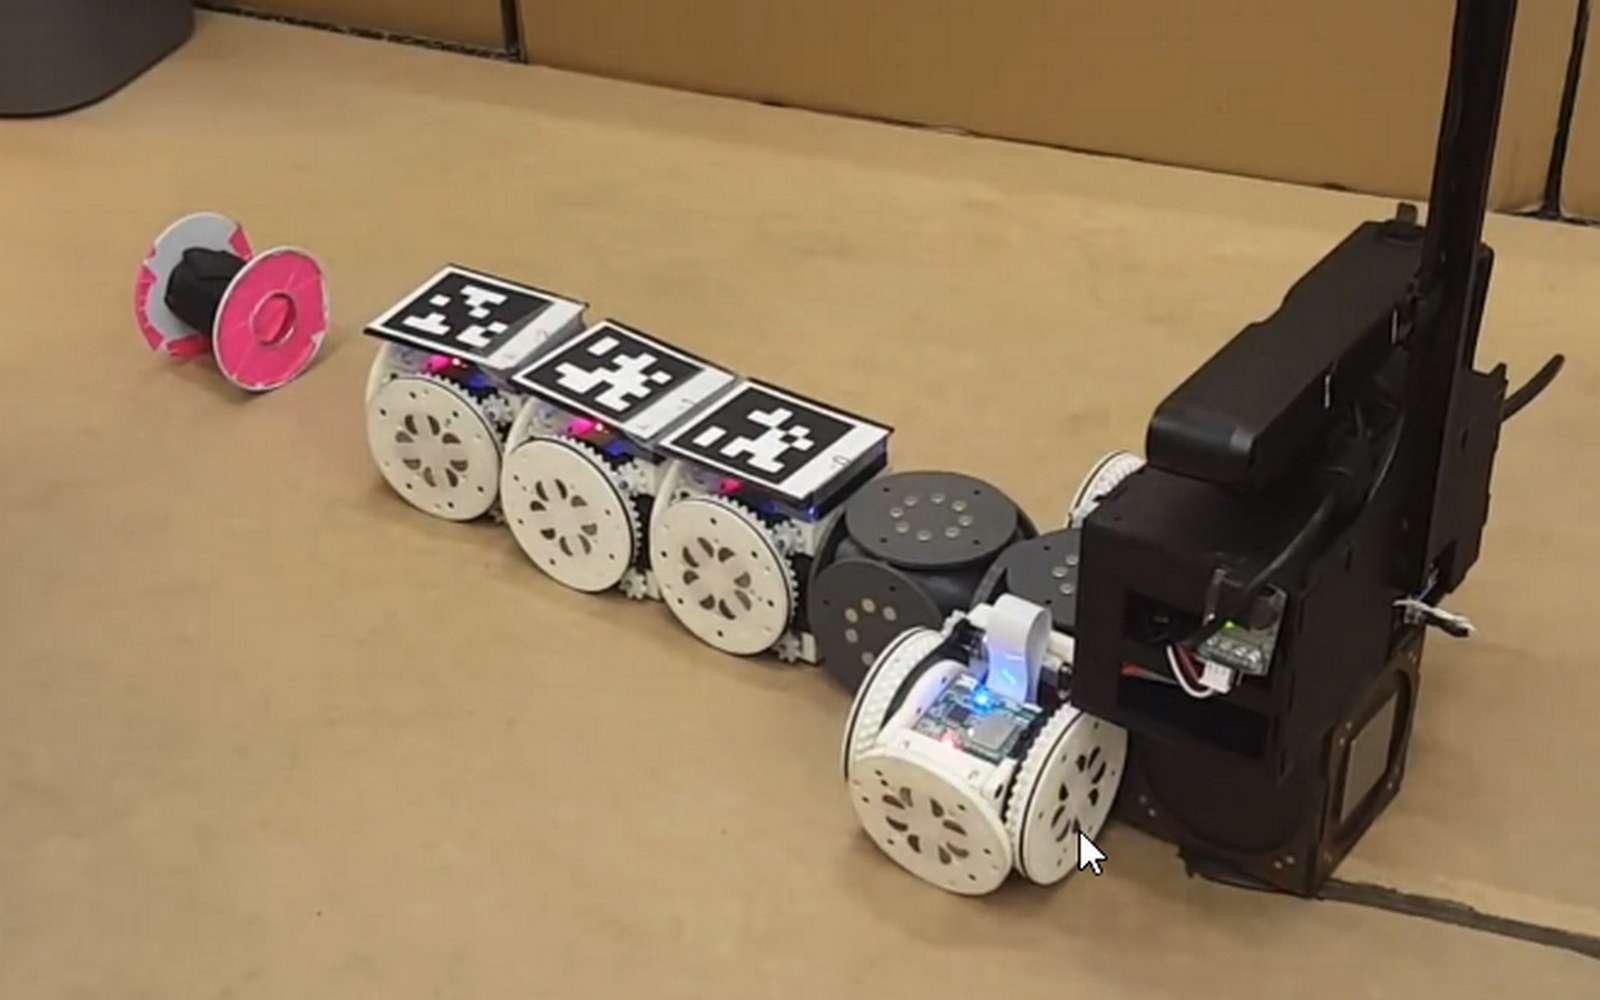 Le robot modulaire de l'université Cornell. © Tarik Tosun, Cornell University